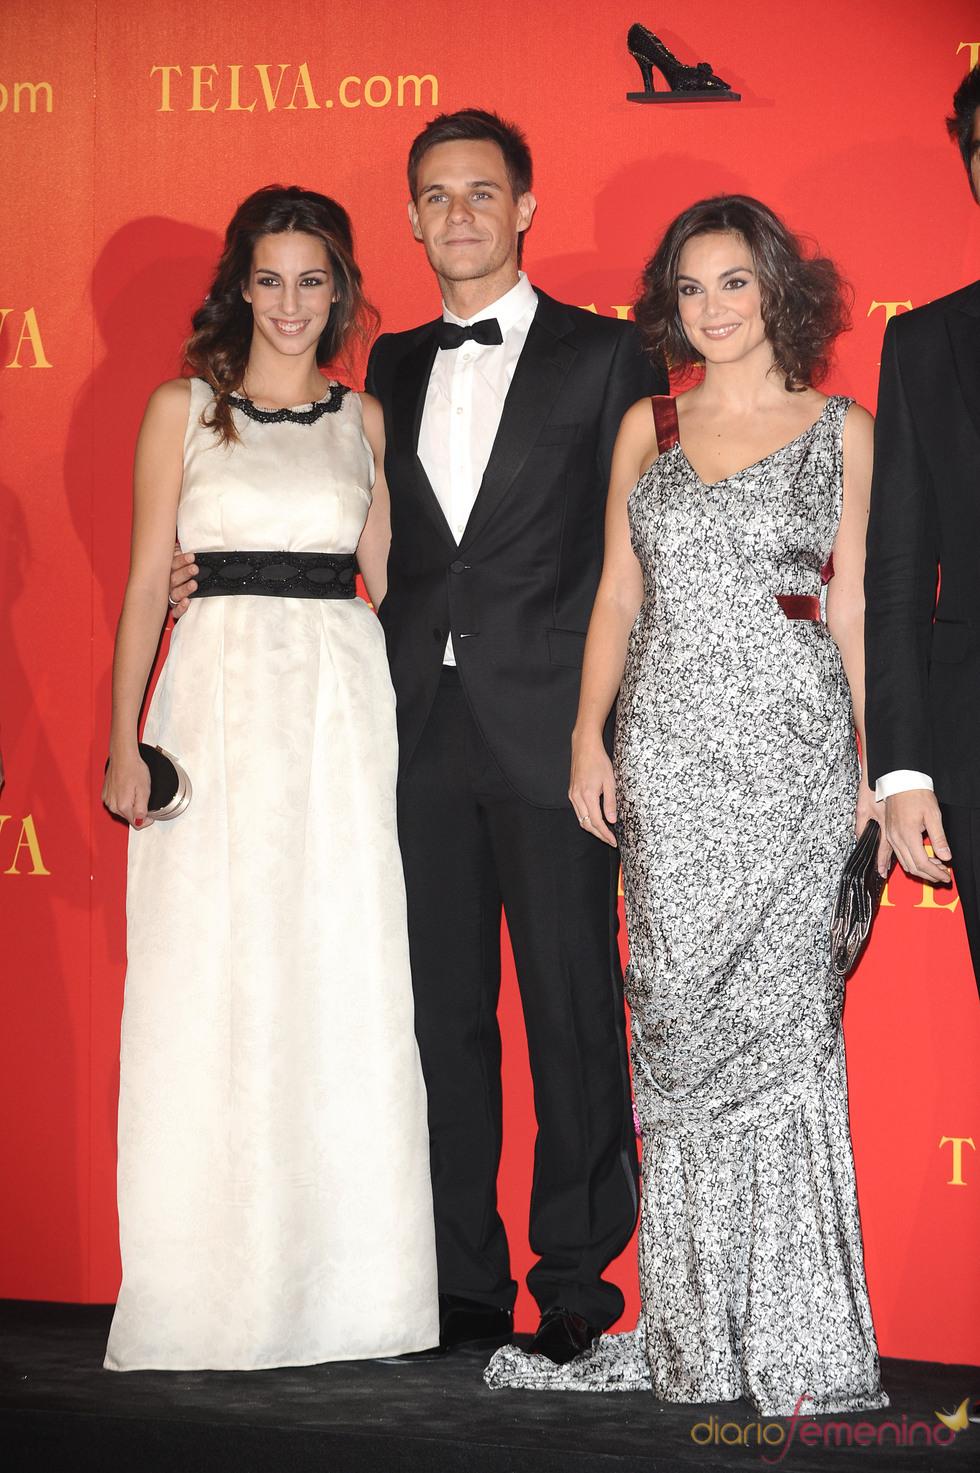 Christian Gálver y Almudena Cid en los Premios Telva 2010